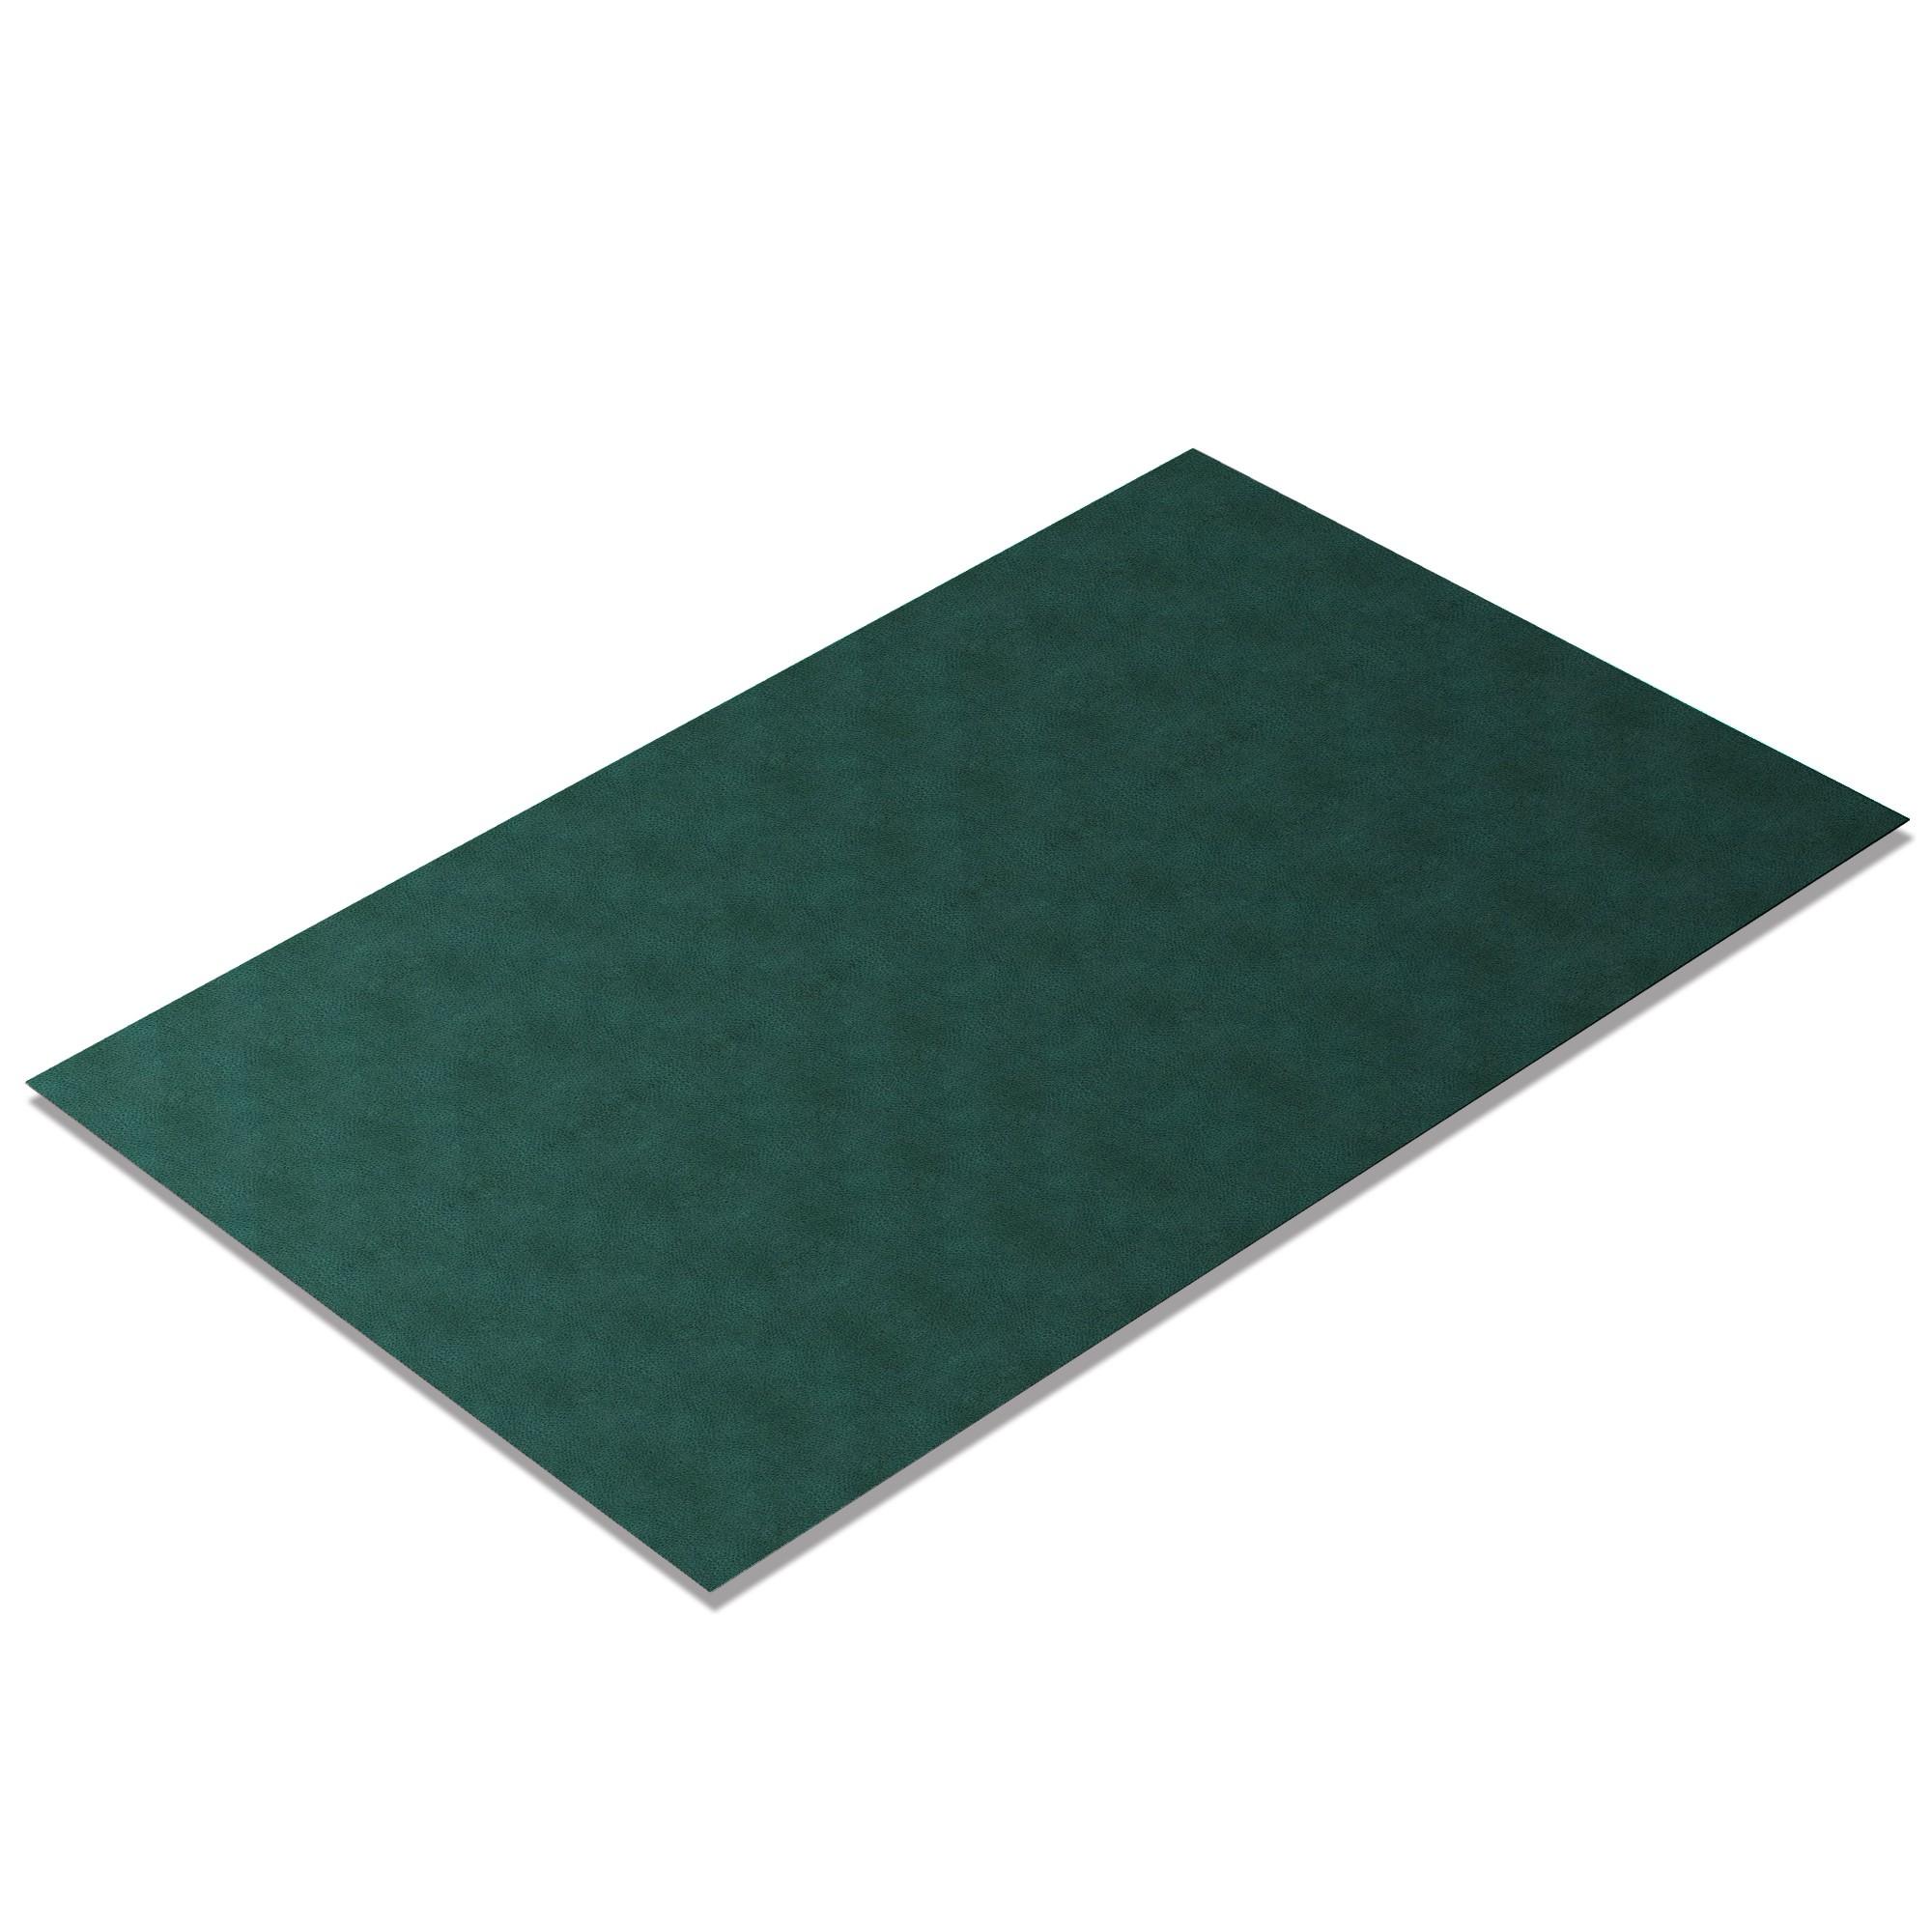 Kunstleder Meterware Nevada-Soft Turquoise [NEVSO513]